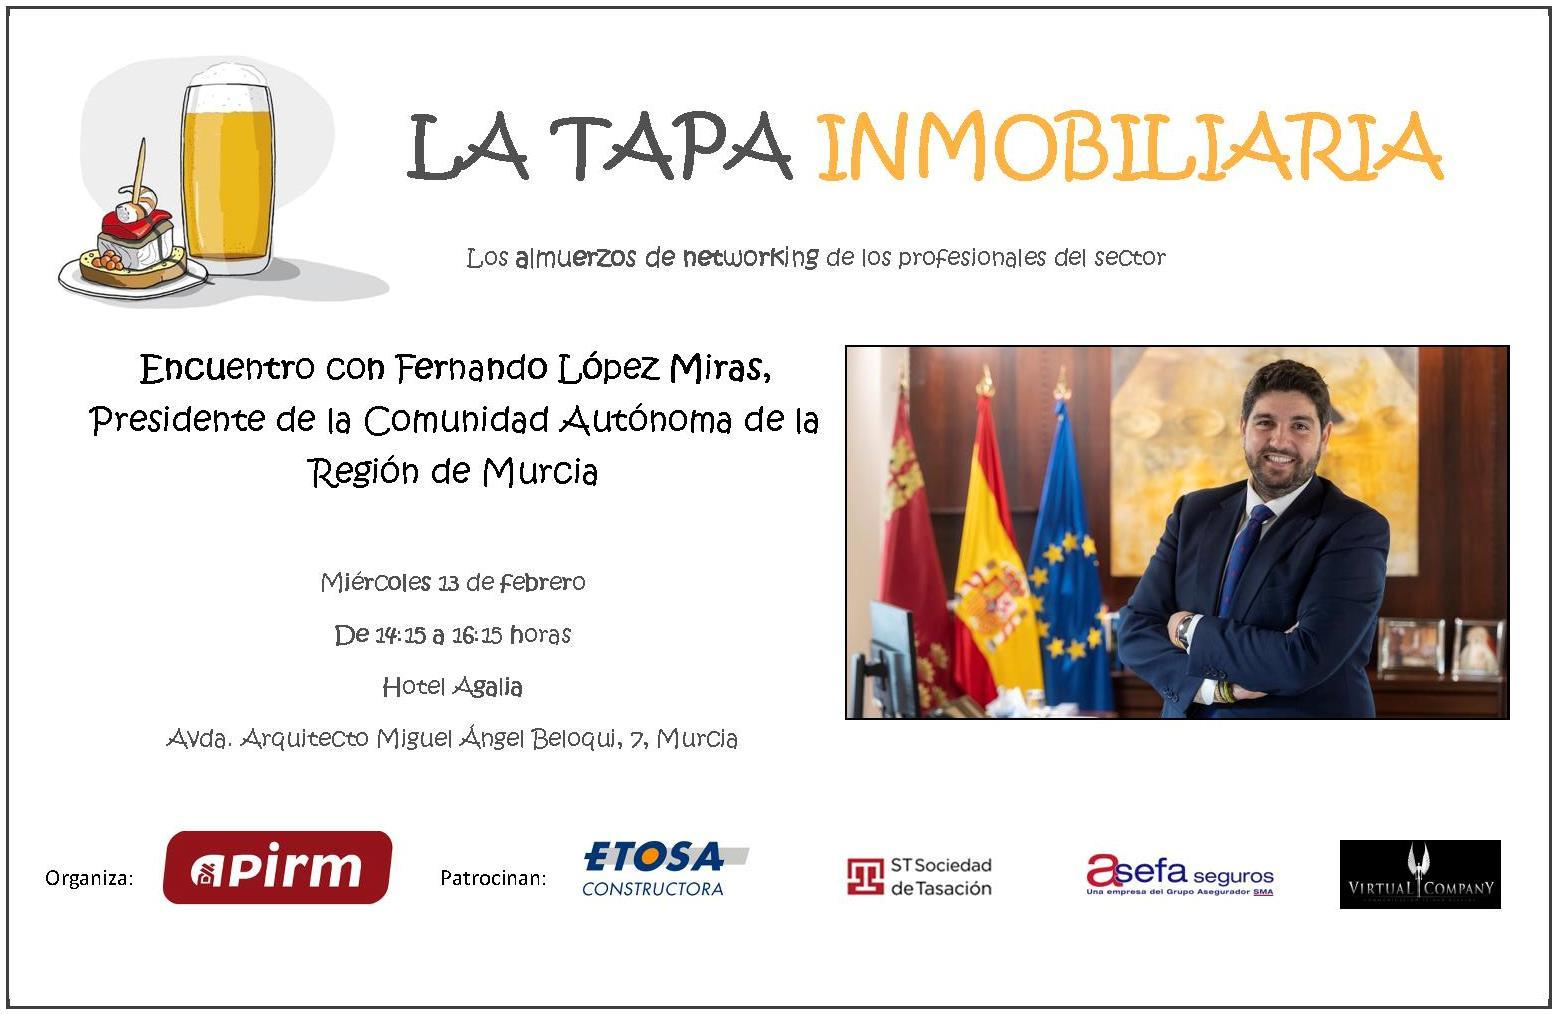 Encuentro de la TAPA INMOBILIARIA con FERNANDO LÓPEZ MIRAS, Presidente regional